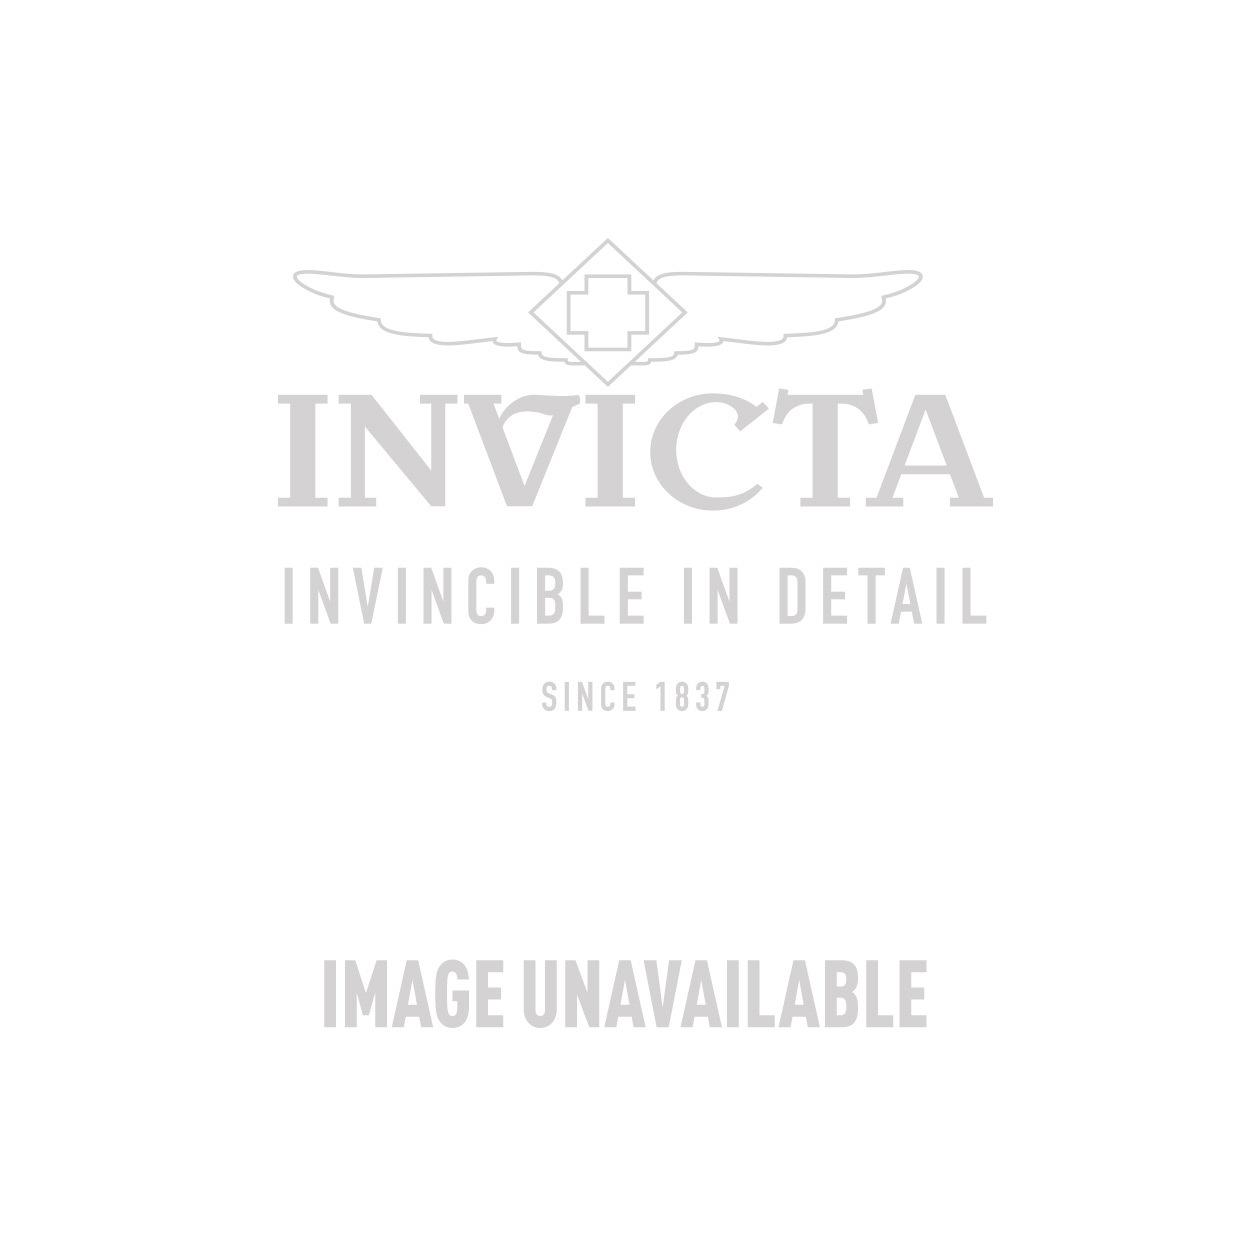 Invicta Model 25250